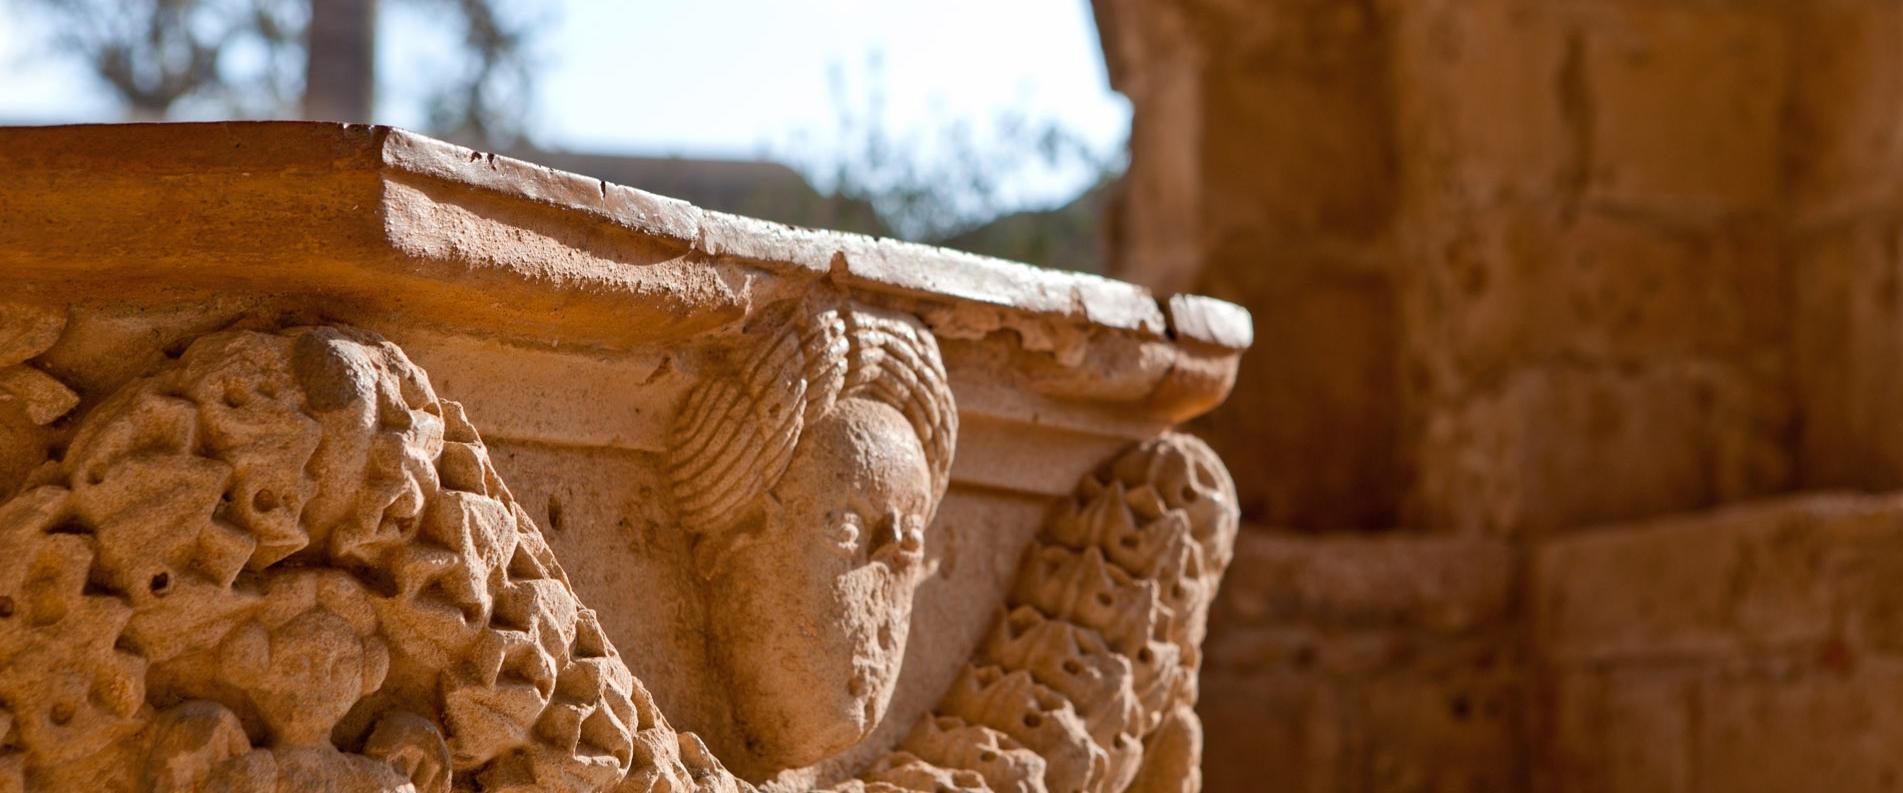 Музеи Айя-Напы: Средневековый монастырский комплекс